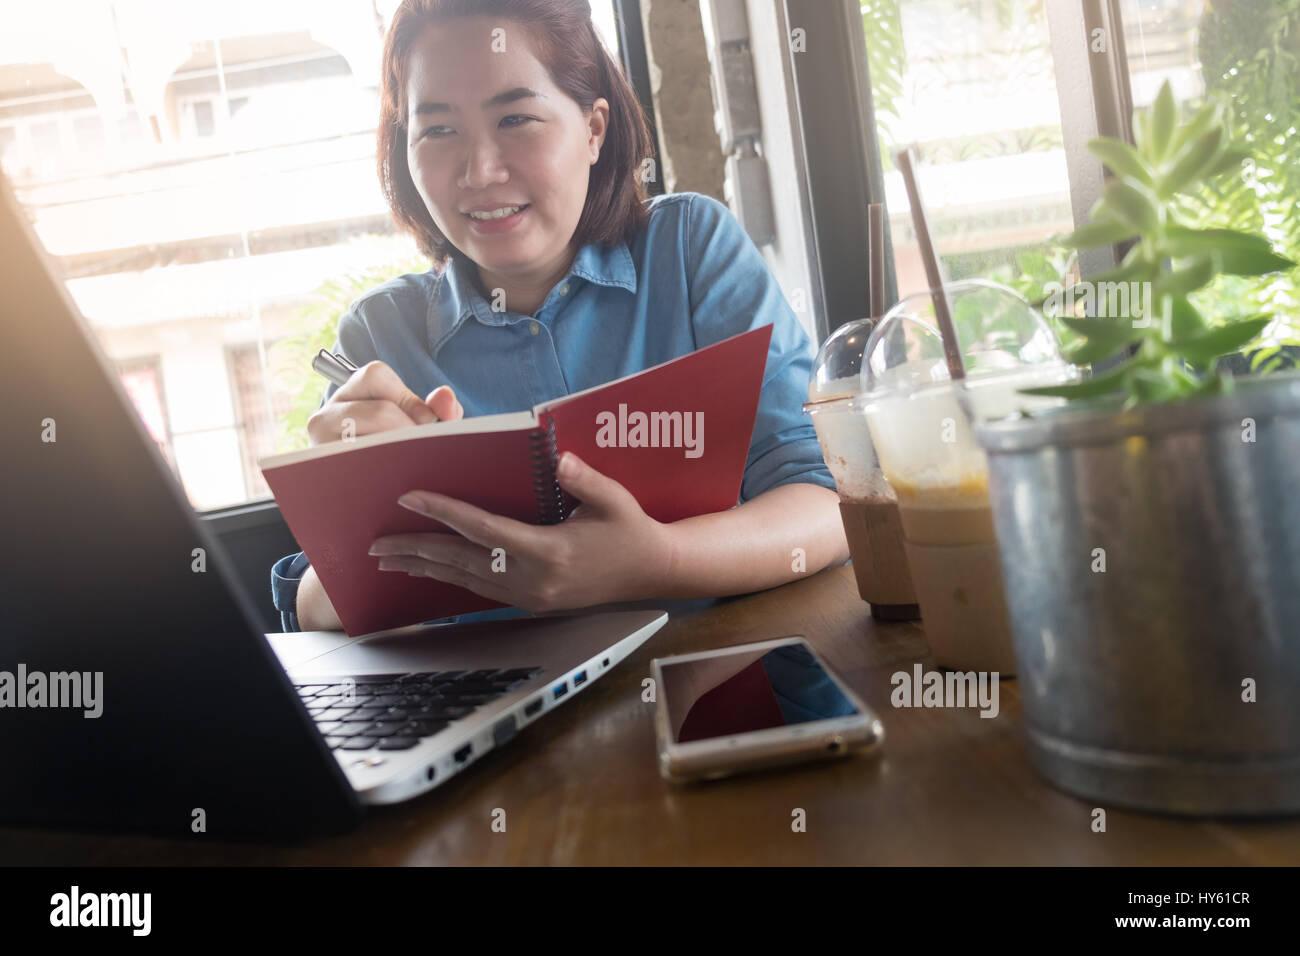 Young Asian woman writing hipster sur le portable tout en travaillant avec un ordinateur portable dans un café. Photo Stock